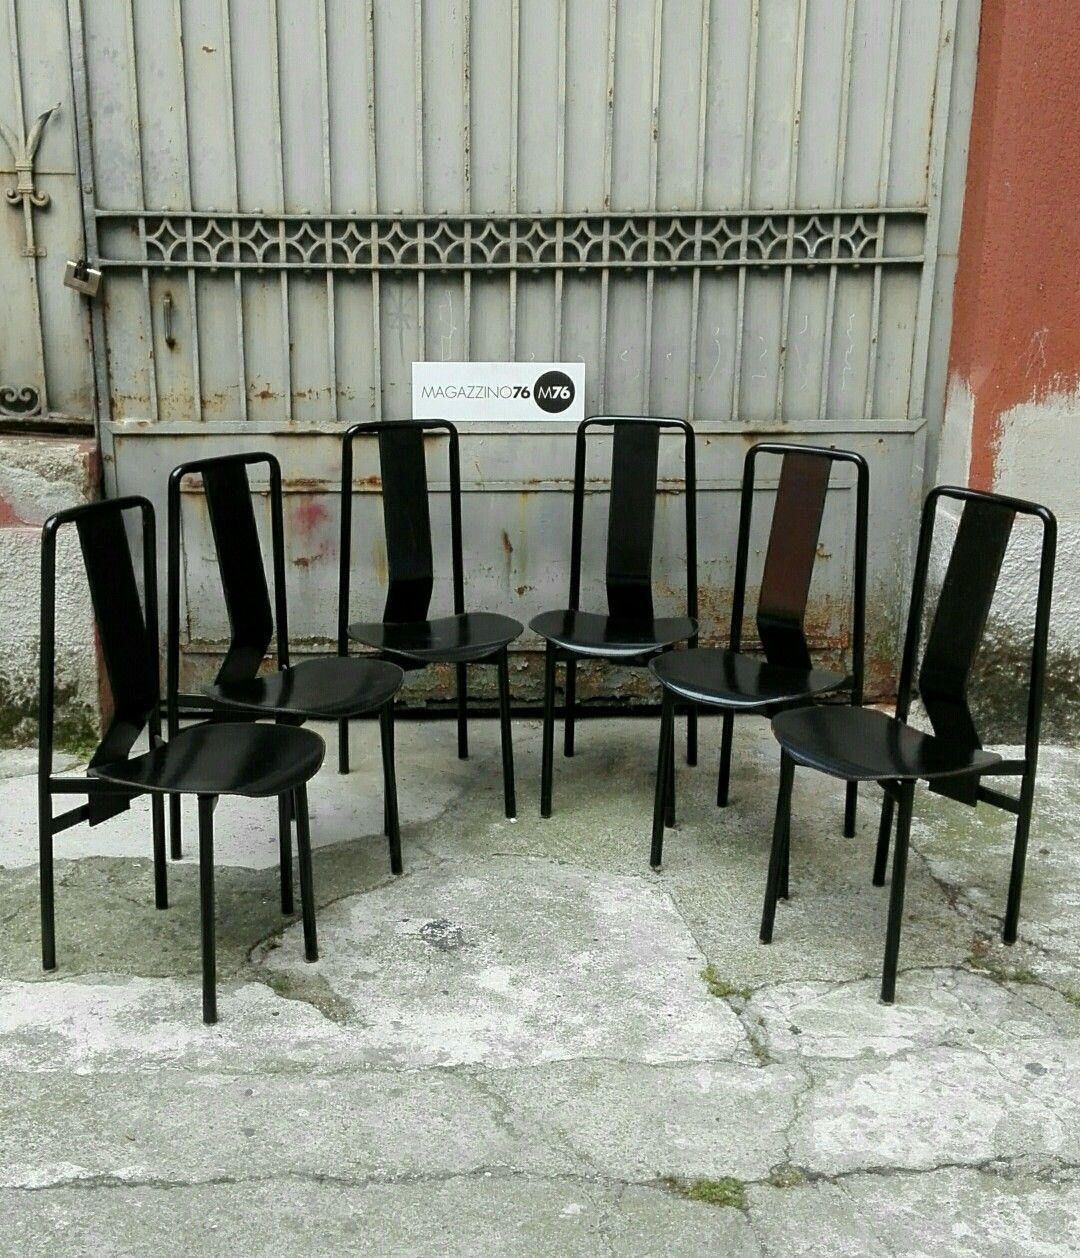 Magazzino 76 in 2019 tavoli sedie sedia zanotta for Sedie design furniture e commerce